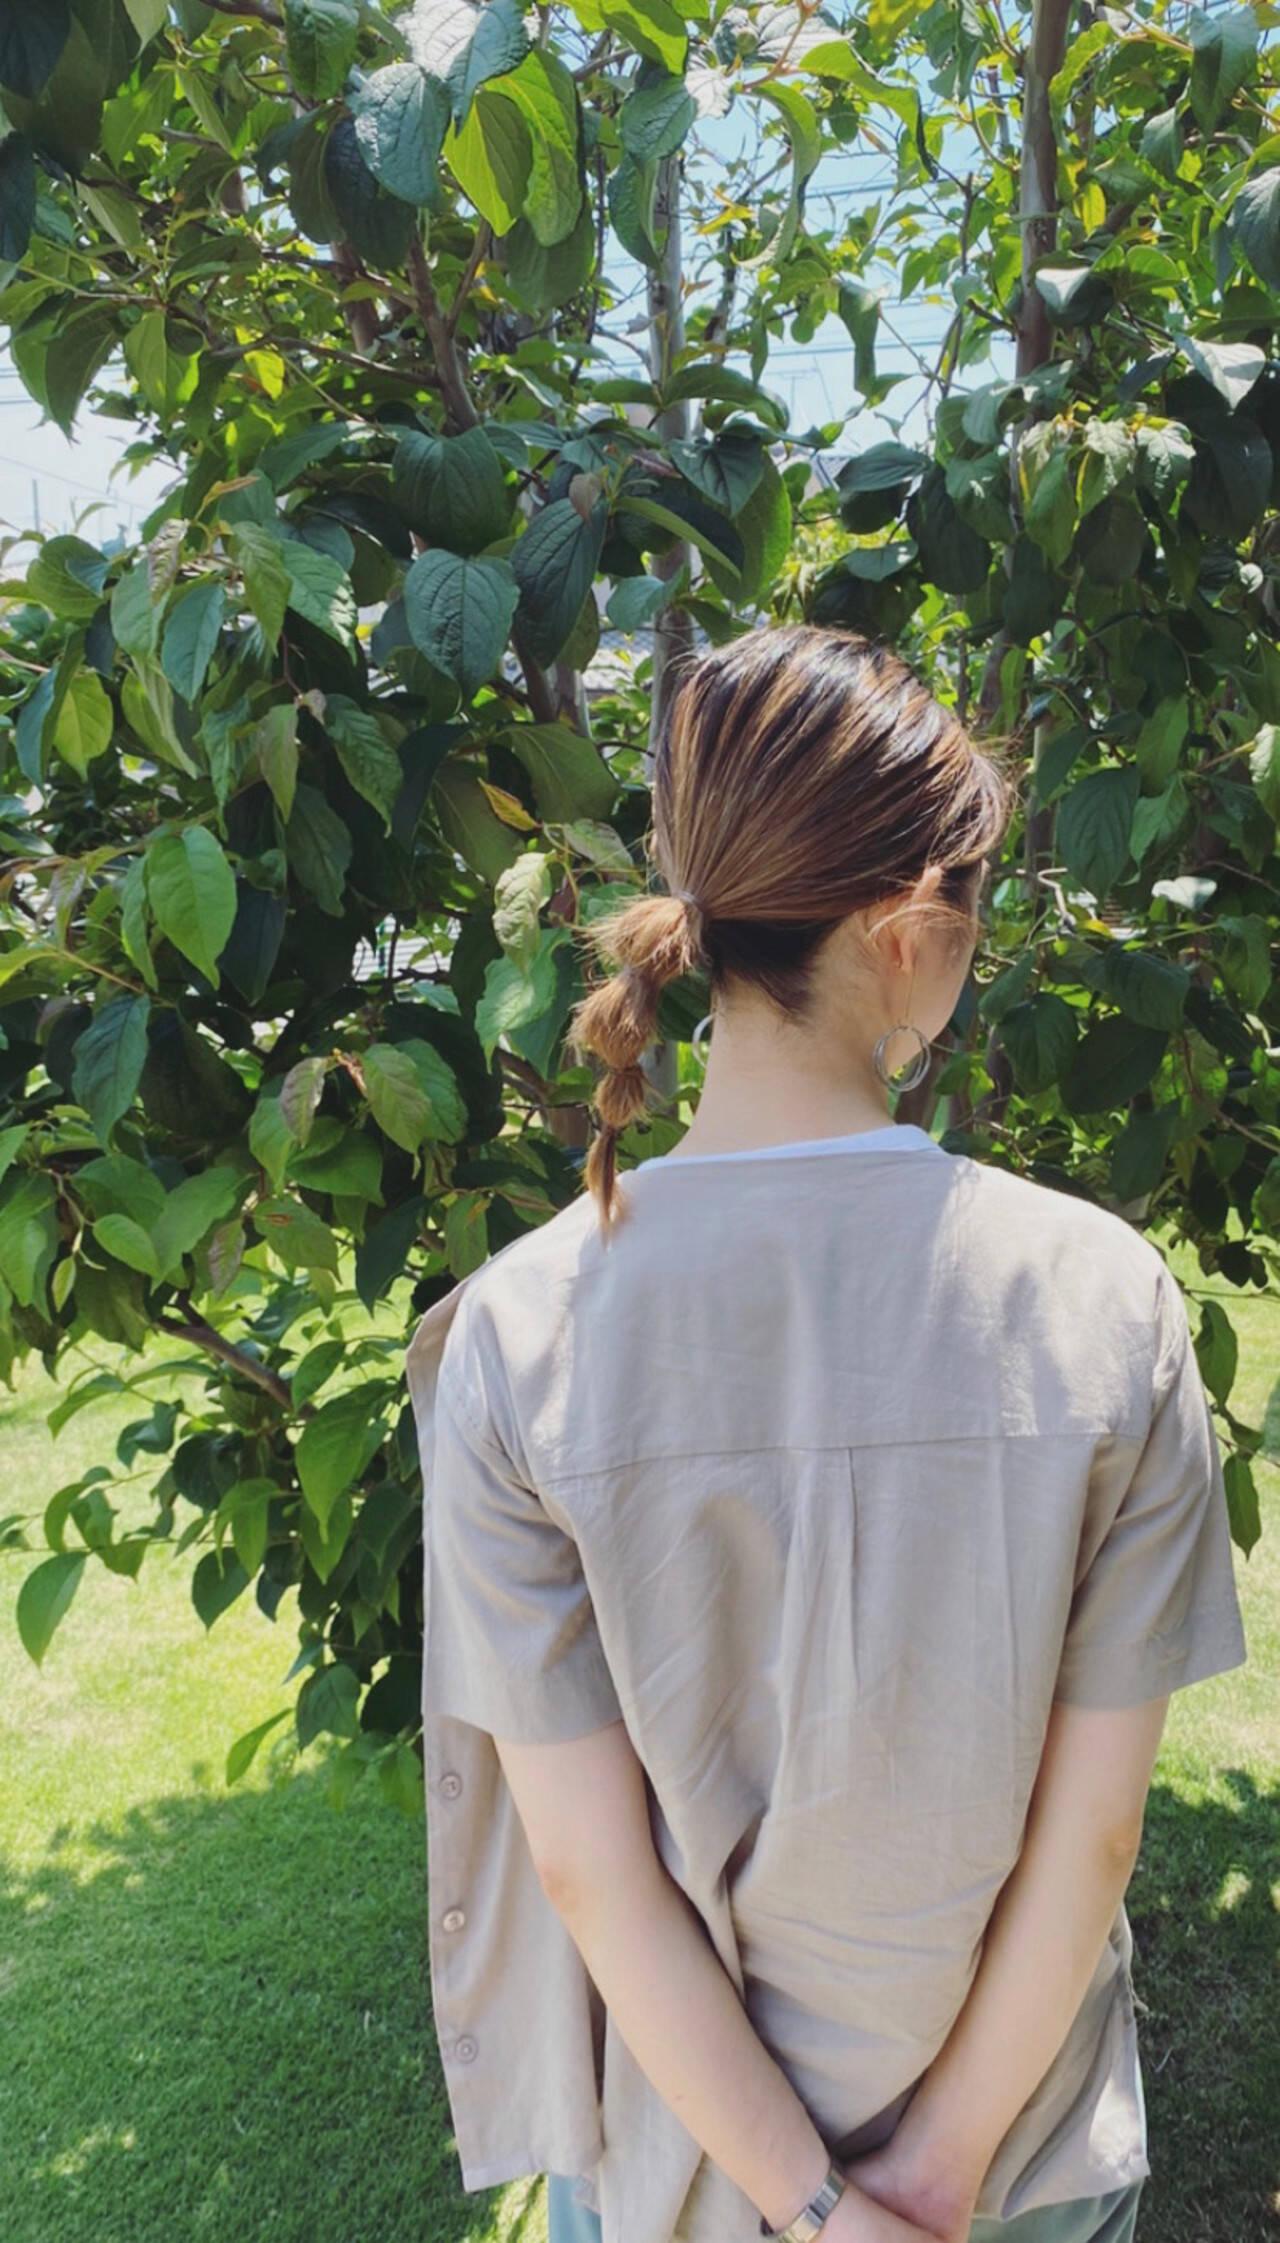 簡単ヘアアレンジ ヘアアレンジ ポニーテールアレンジ セルフヘアアレンジヘアスタイルや髪型の写真・画像